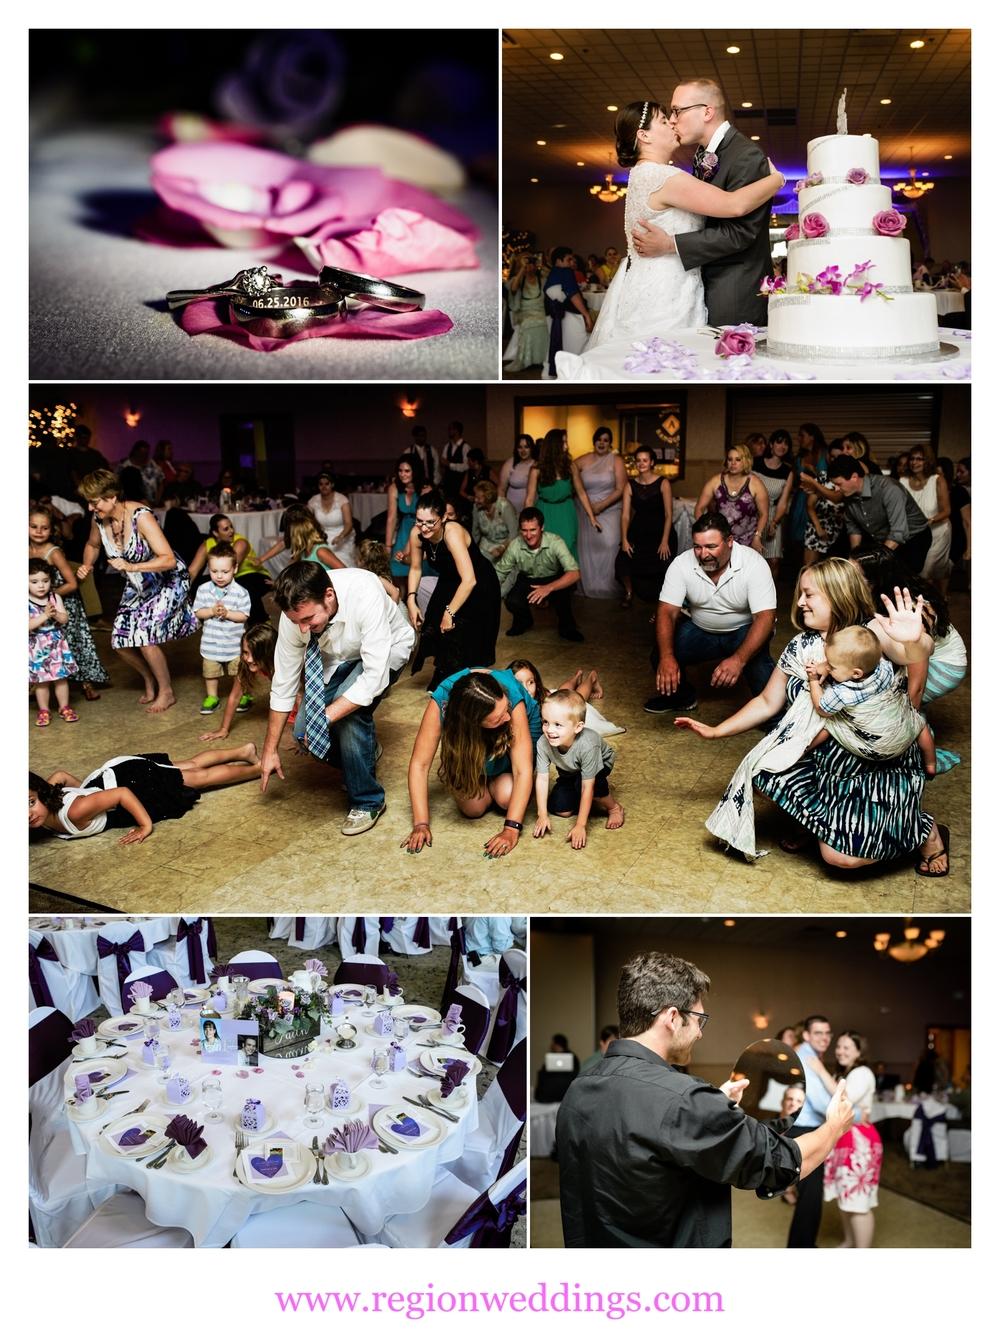 Wedding reception at Andorra Banquet Hall in Schererville, Indiana.